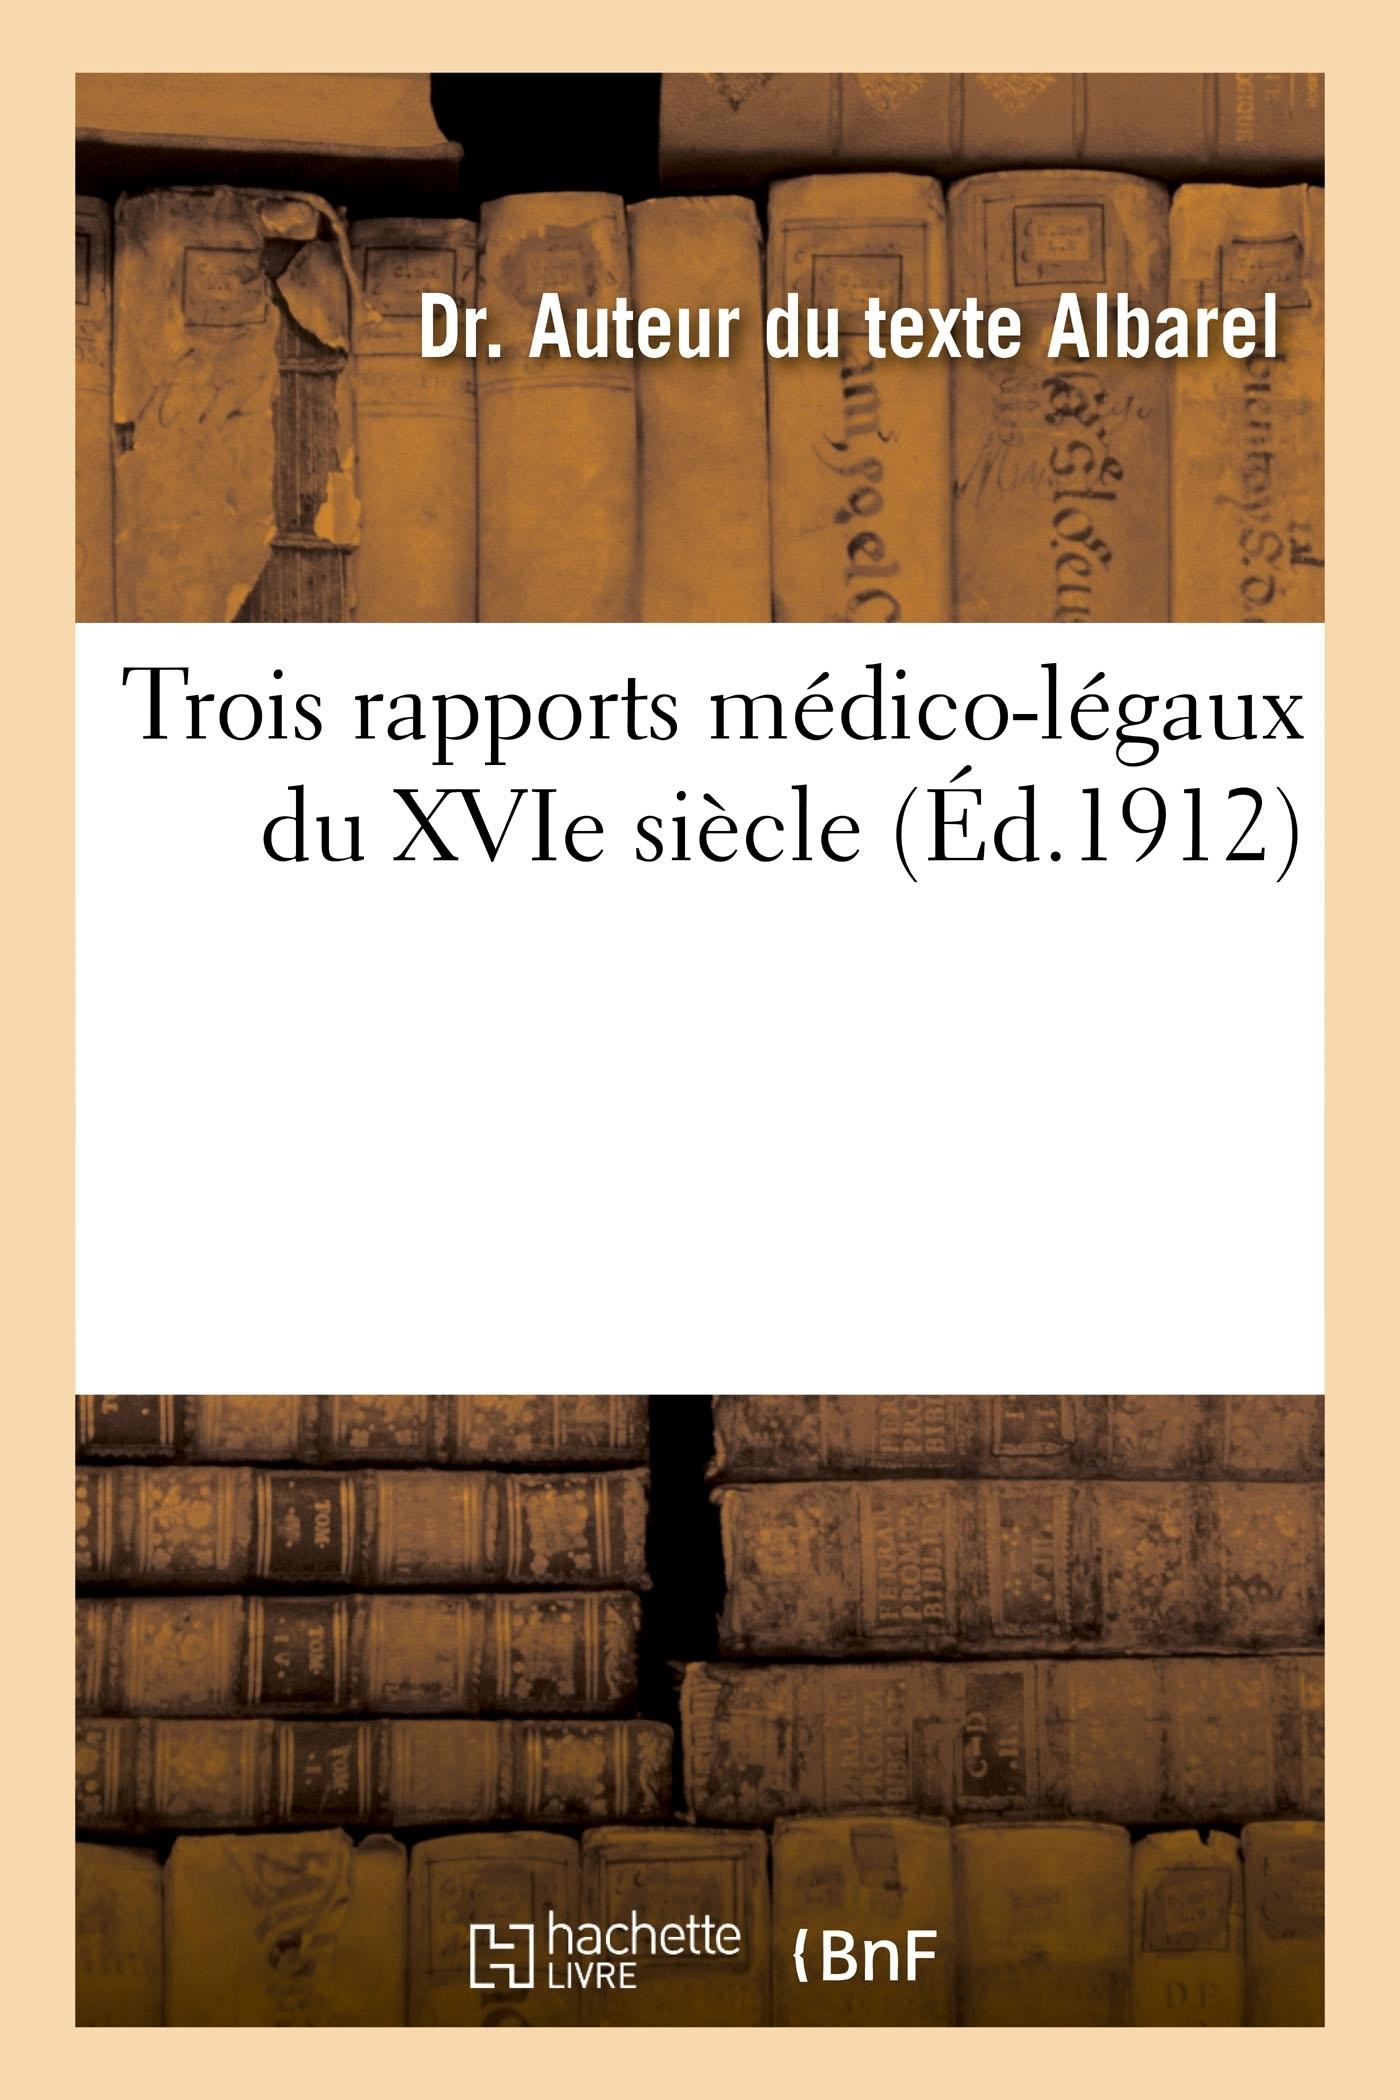 TROIS RAPPORTS MEDICO-LEGAUX DU XVIE SIECLE